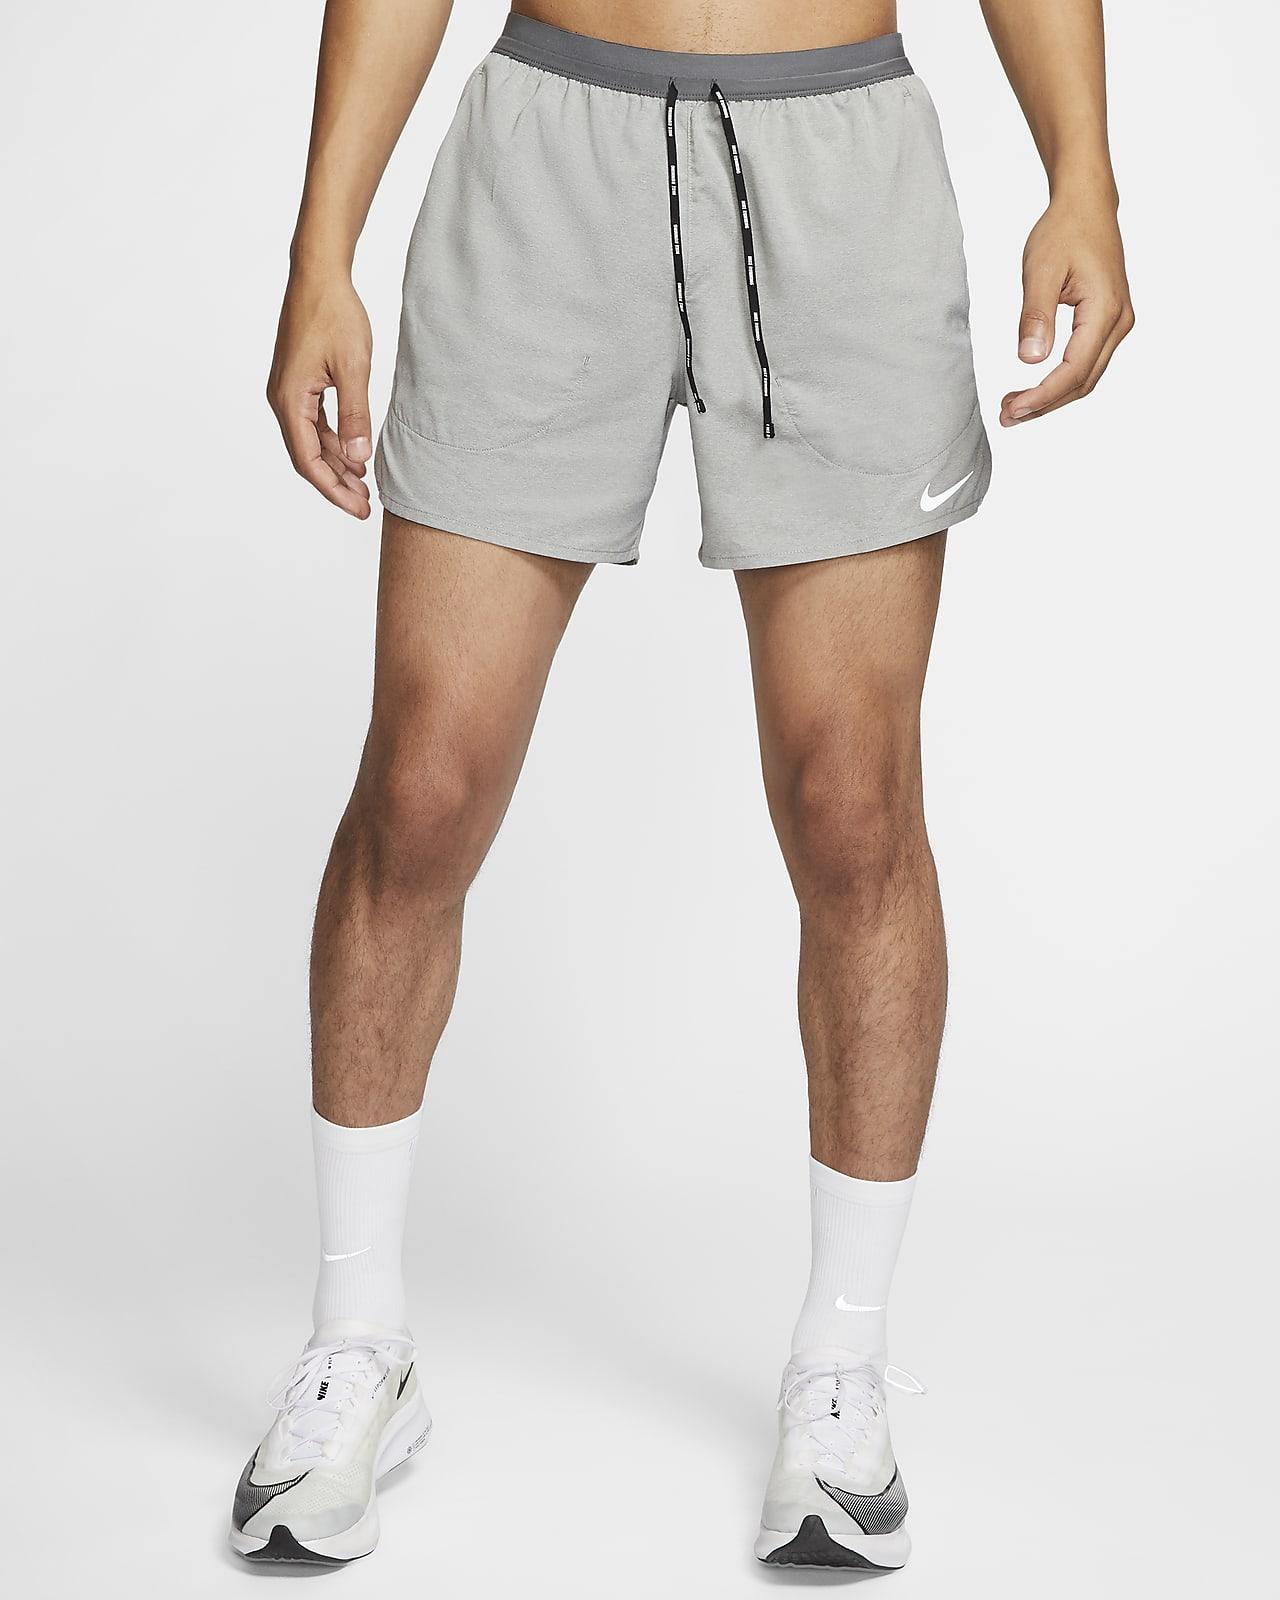 Nike Flex Stride Pantalón corto de running de 13 cm con slip - Hombre